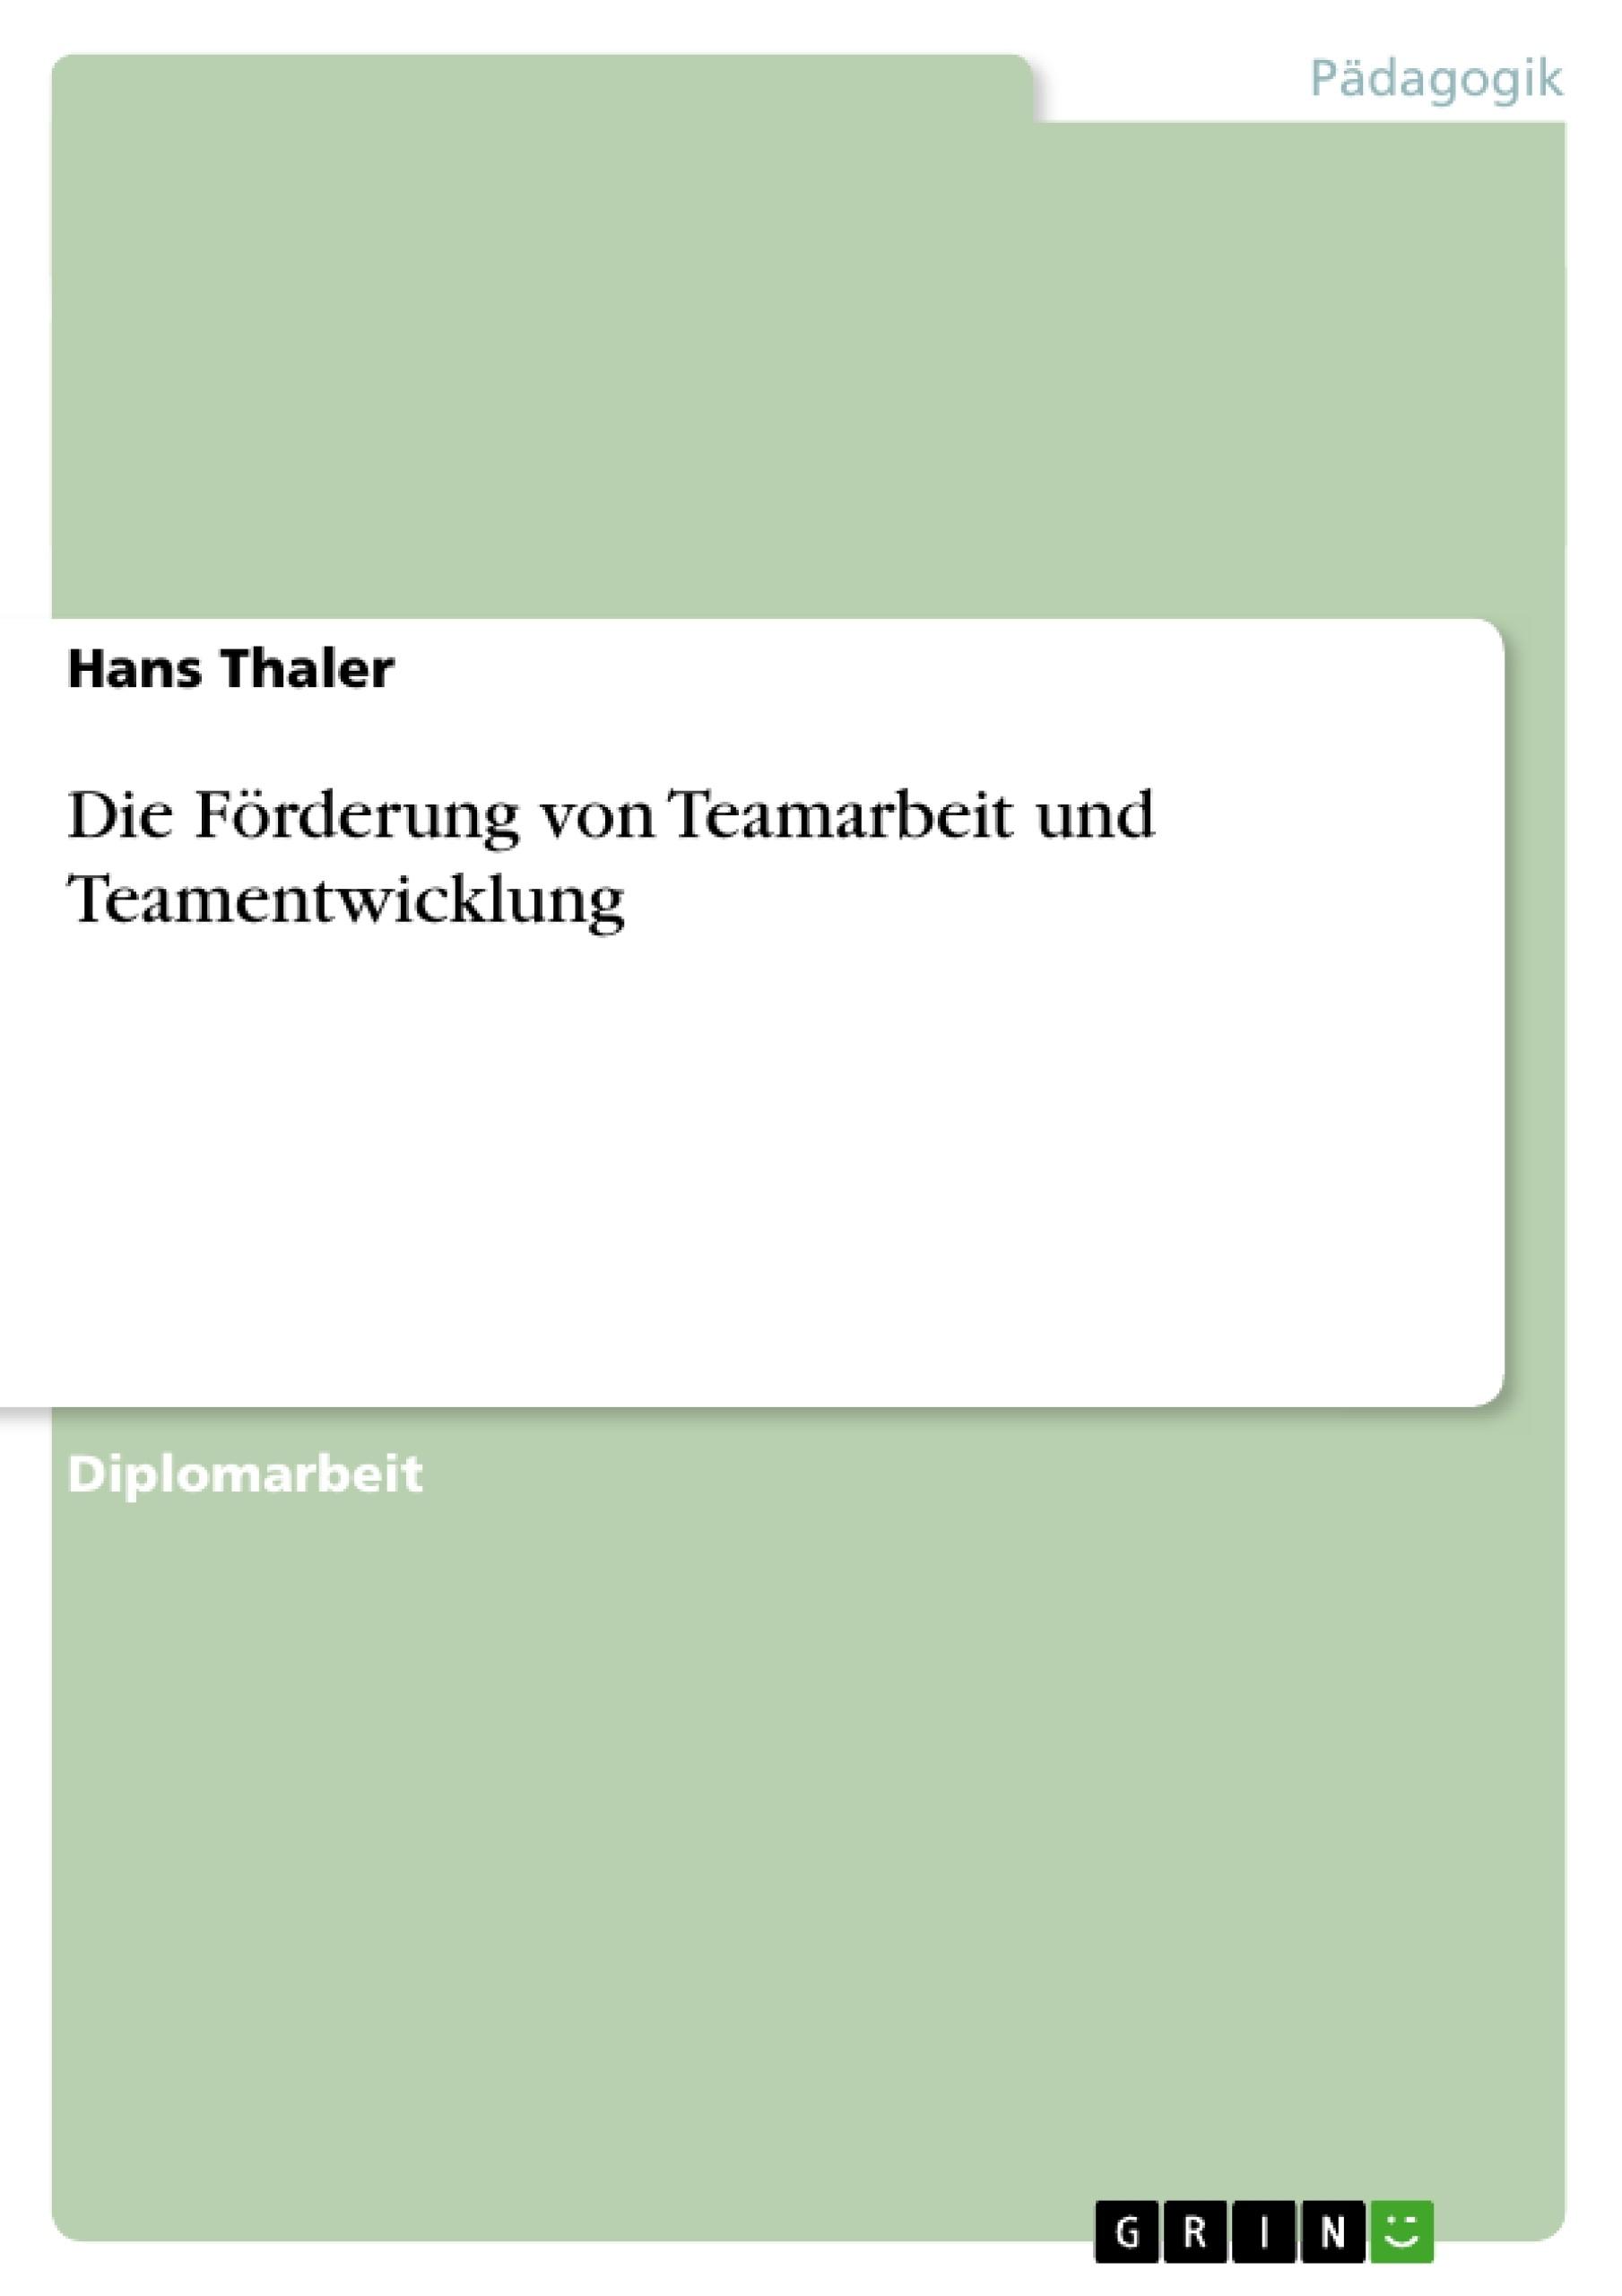 Titel: Die Förderung von Teamarbeit und Teamentwicklung